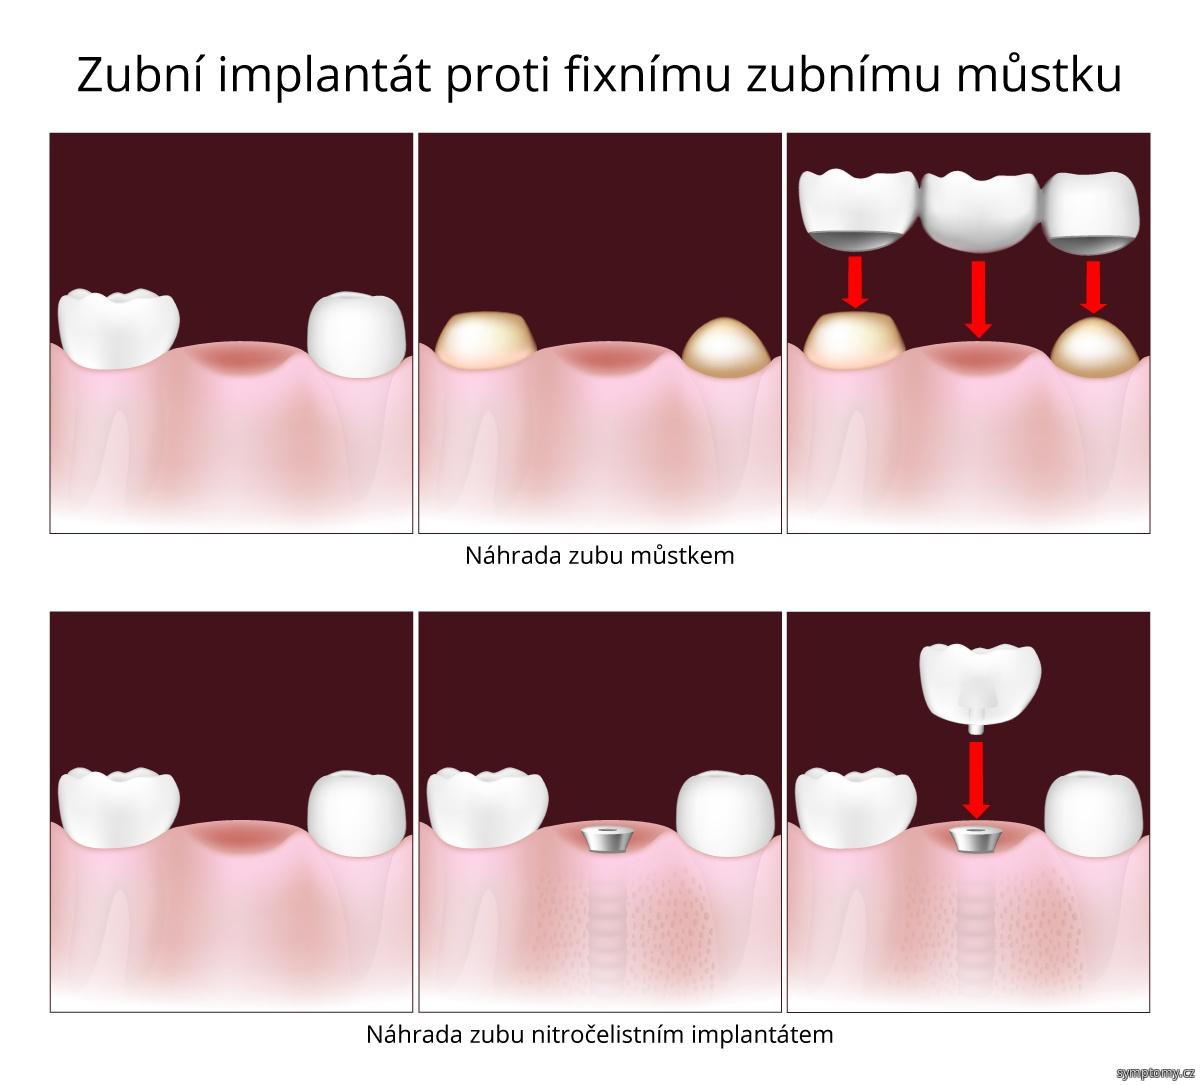 Zubní implantát proti fixnímu zubnímu můstku